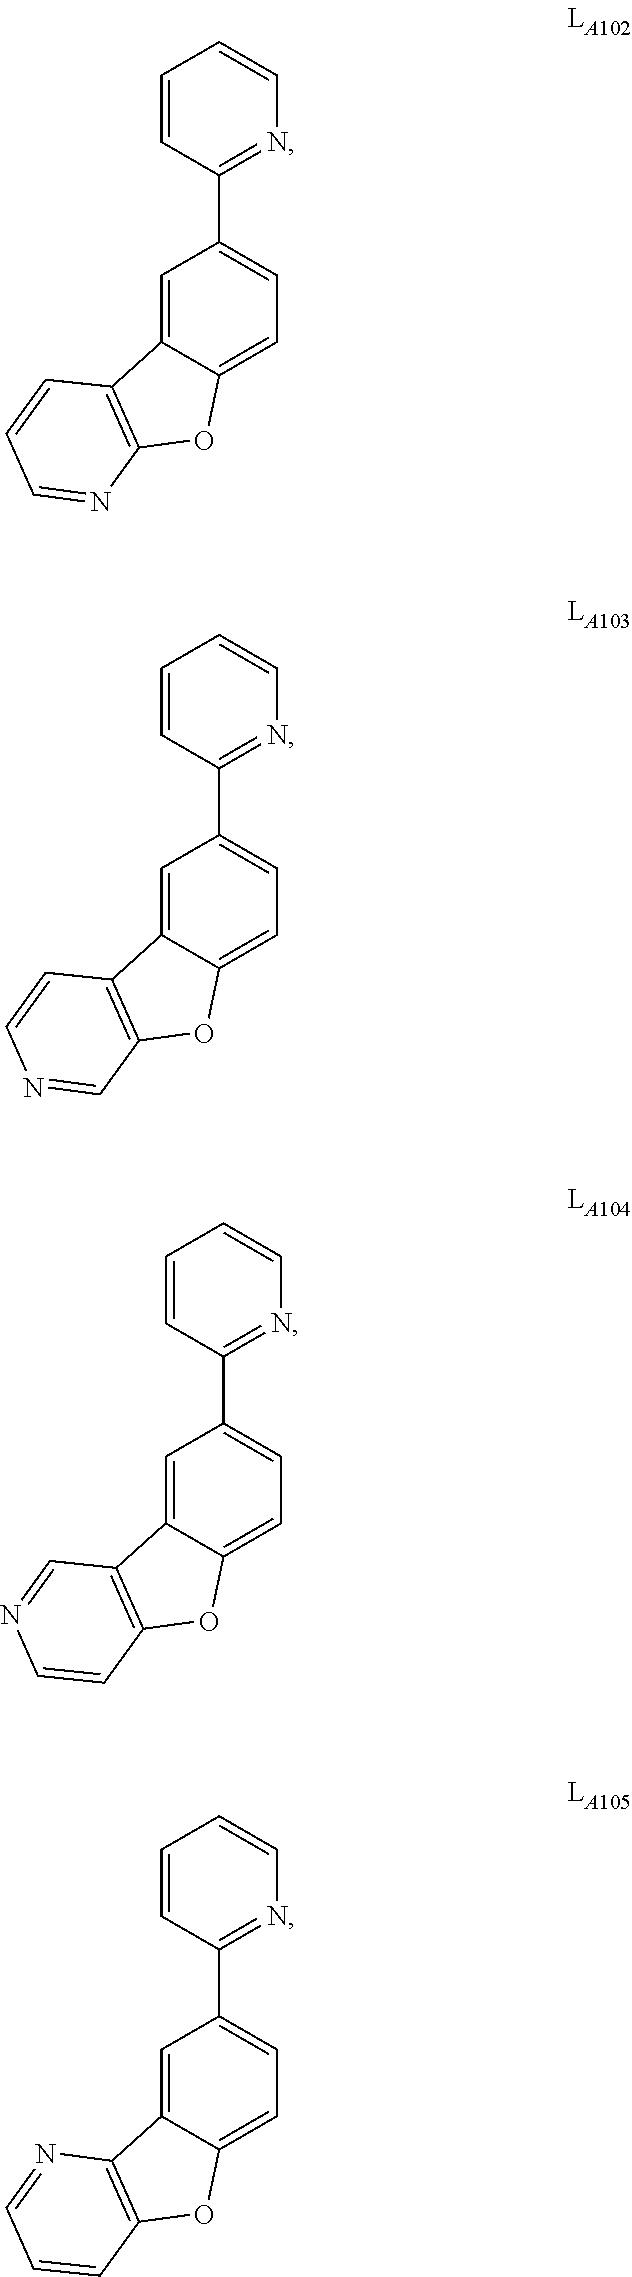 Figure US09634264-20170425-C00073